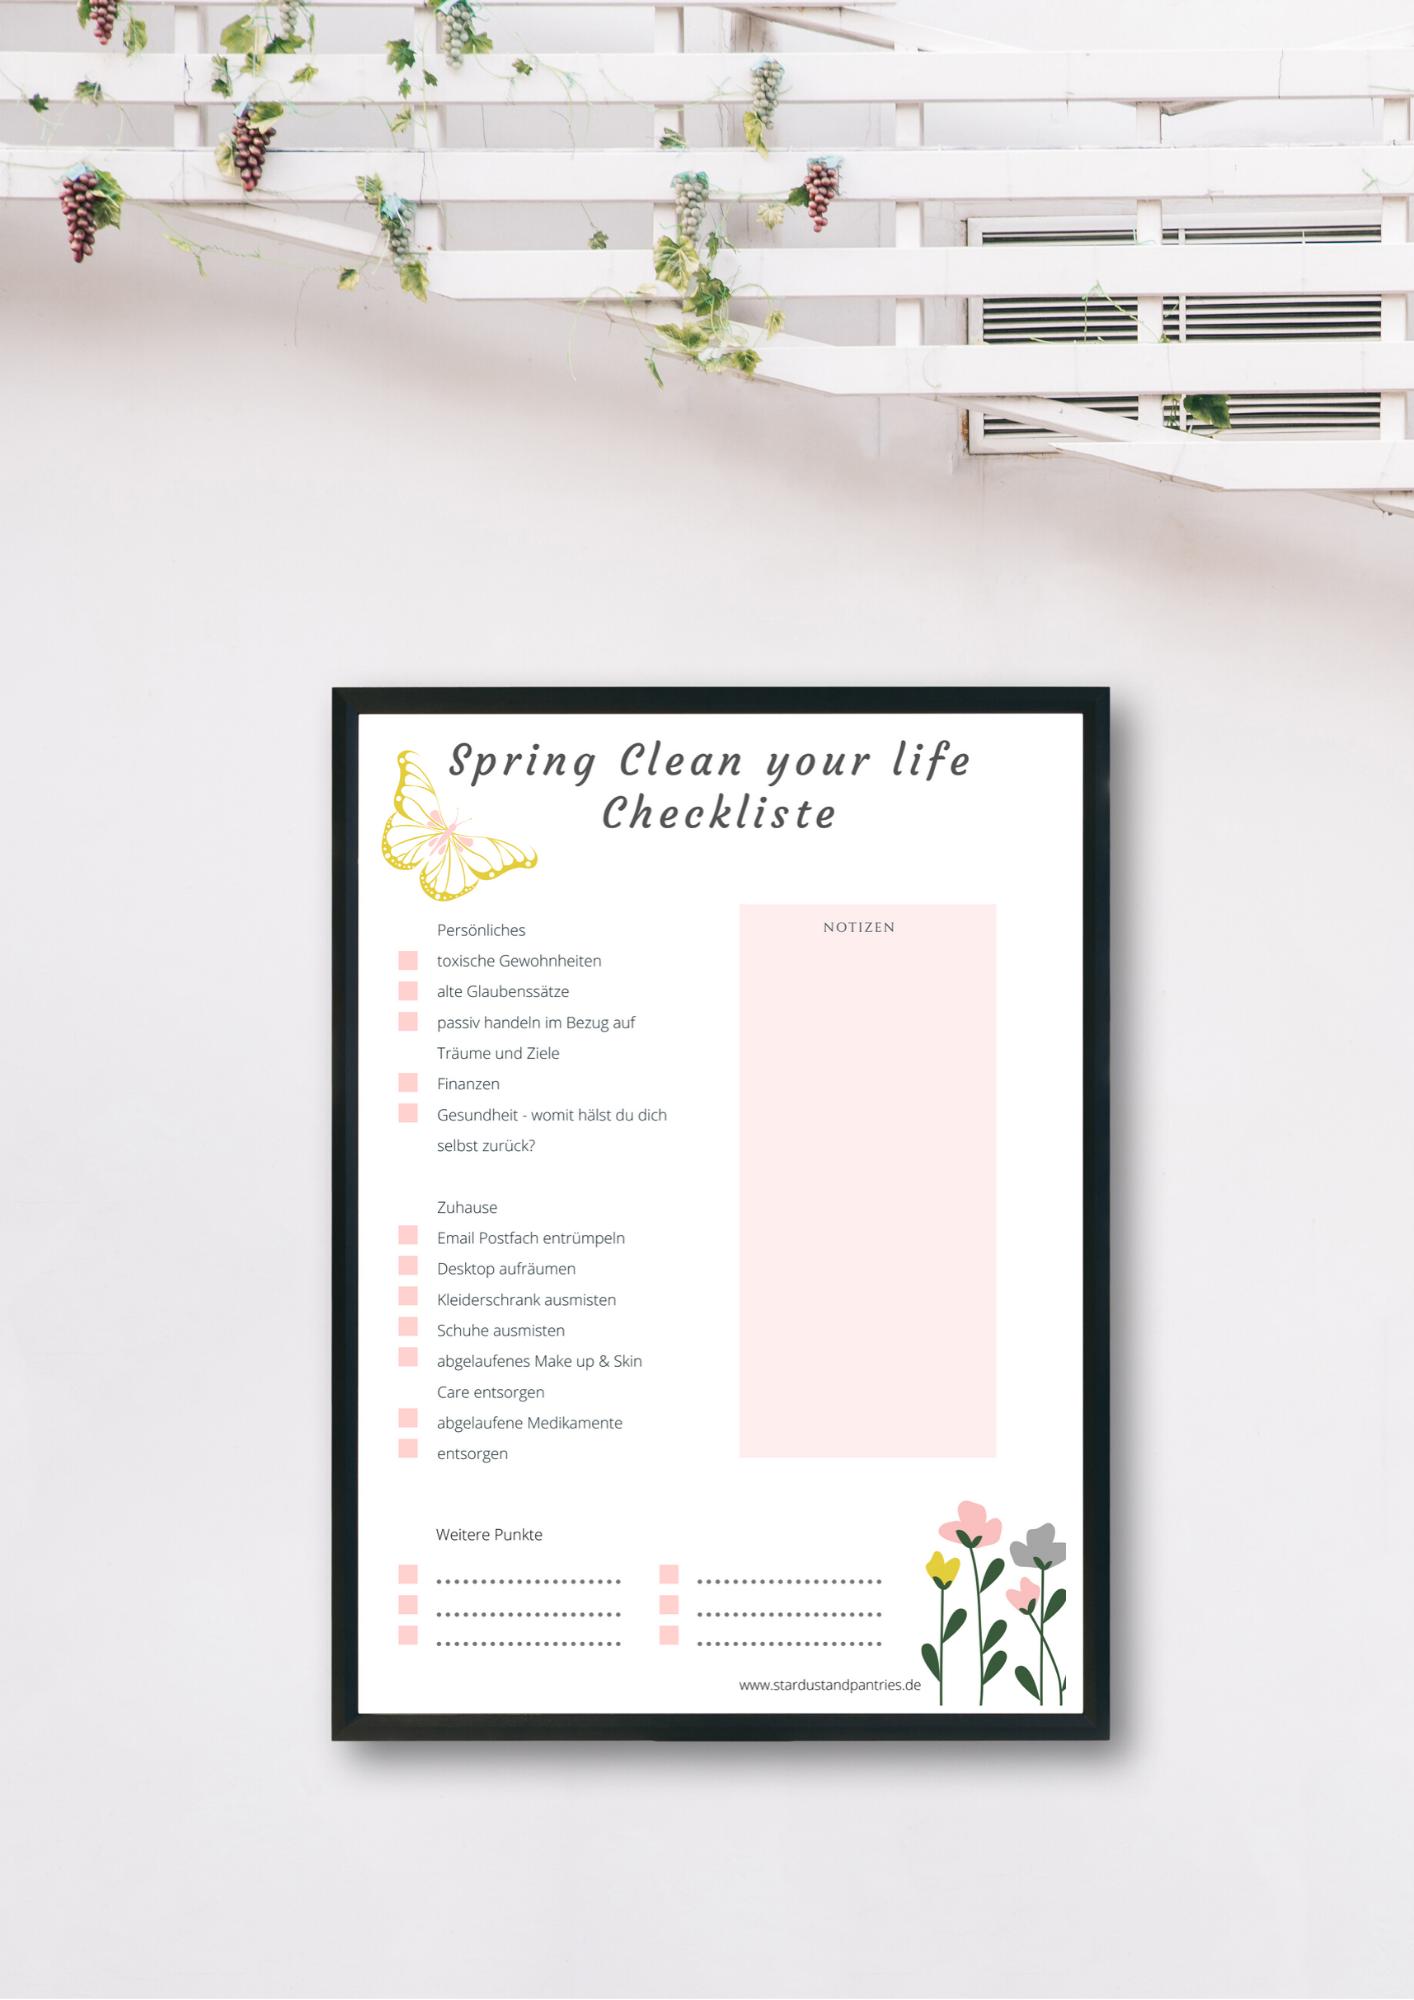 Frühjahrsputz Tipps für dein Zuhause, aber auch weitere Lebensbereiche findest du in diesem Beitrag. Spring Clean your life! #frühjahrsputz